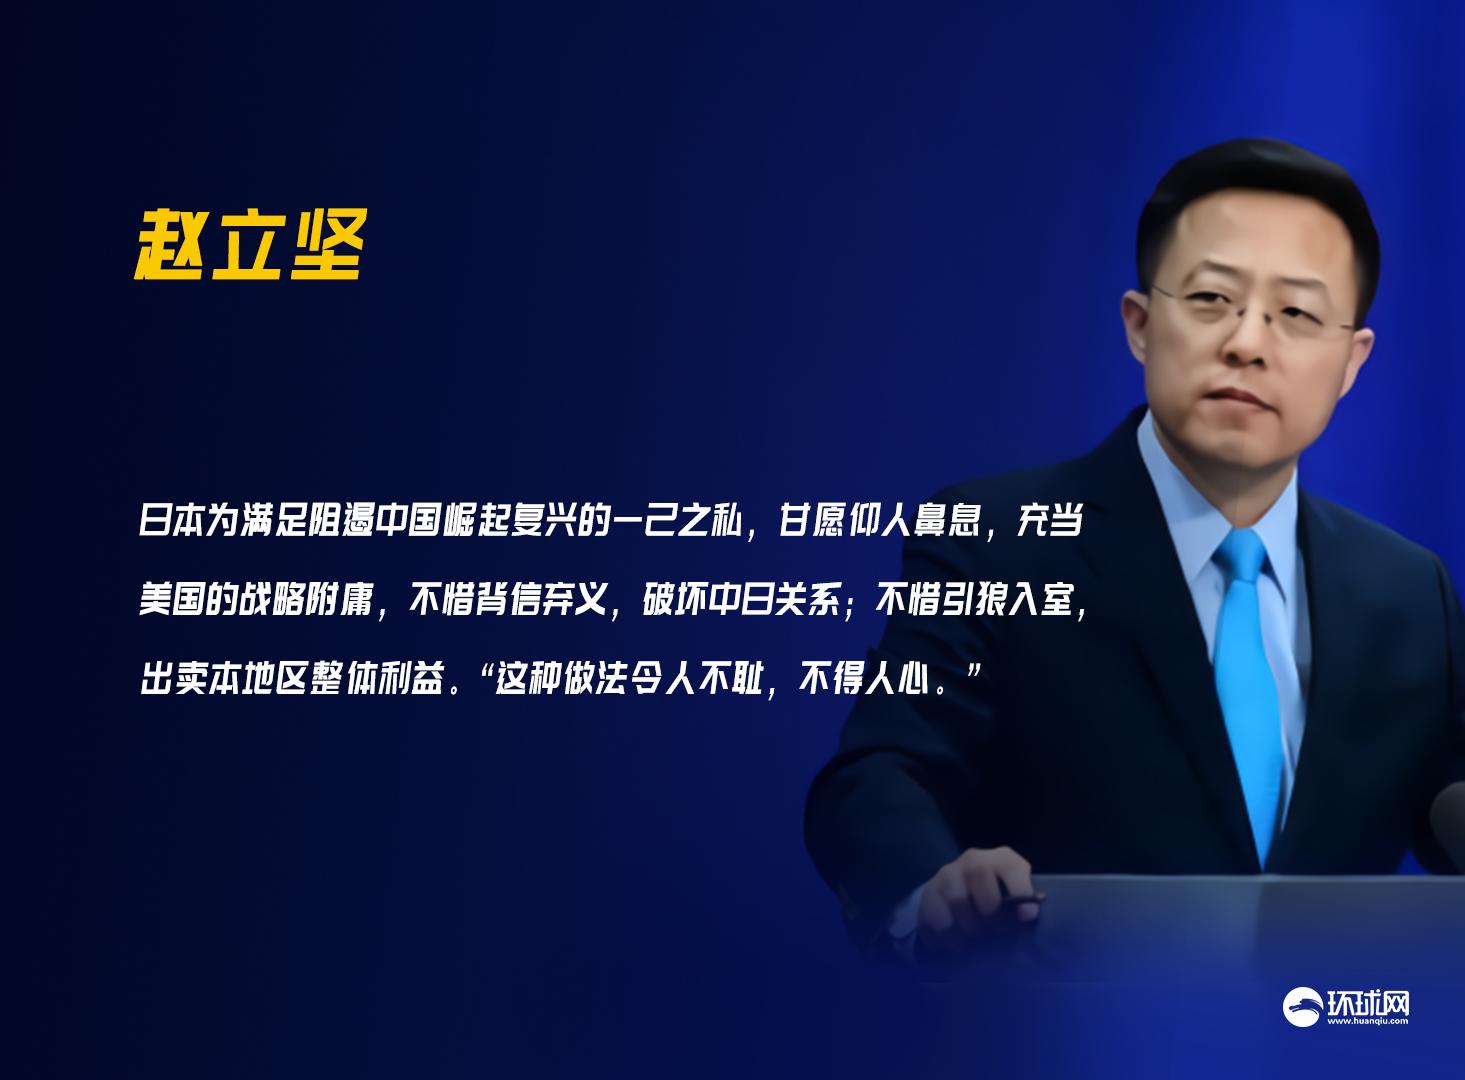 美日发联合声明点名攻击中国,赵立坚狠批日本:为阻中国崛起甘愿仰人鼻息